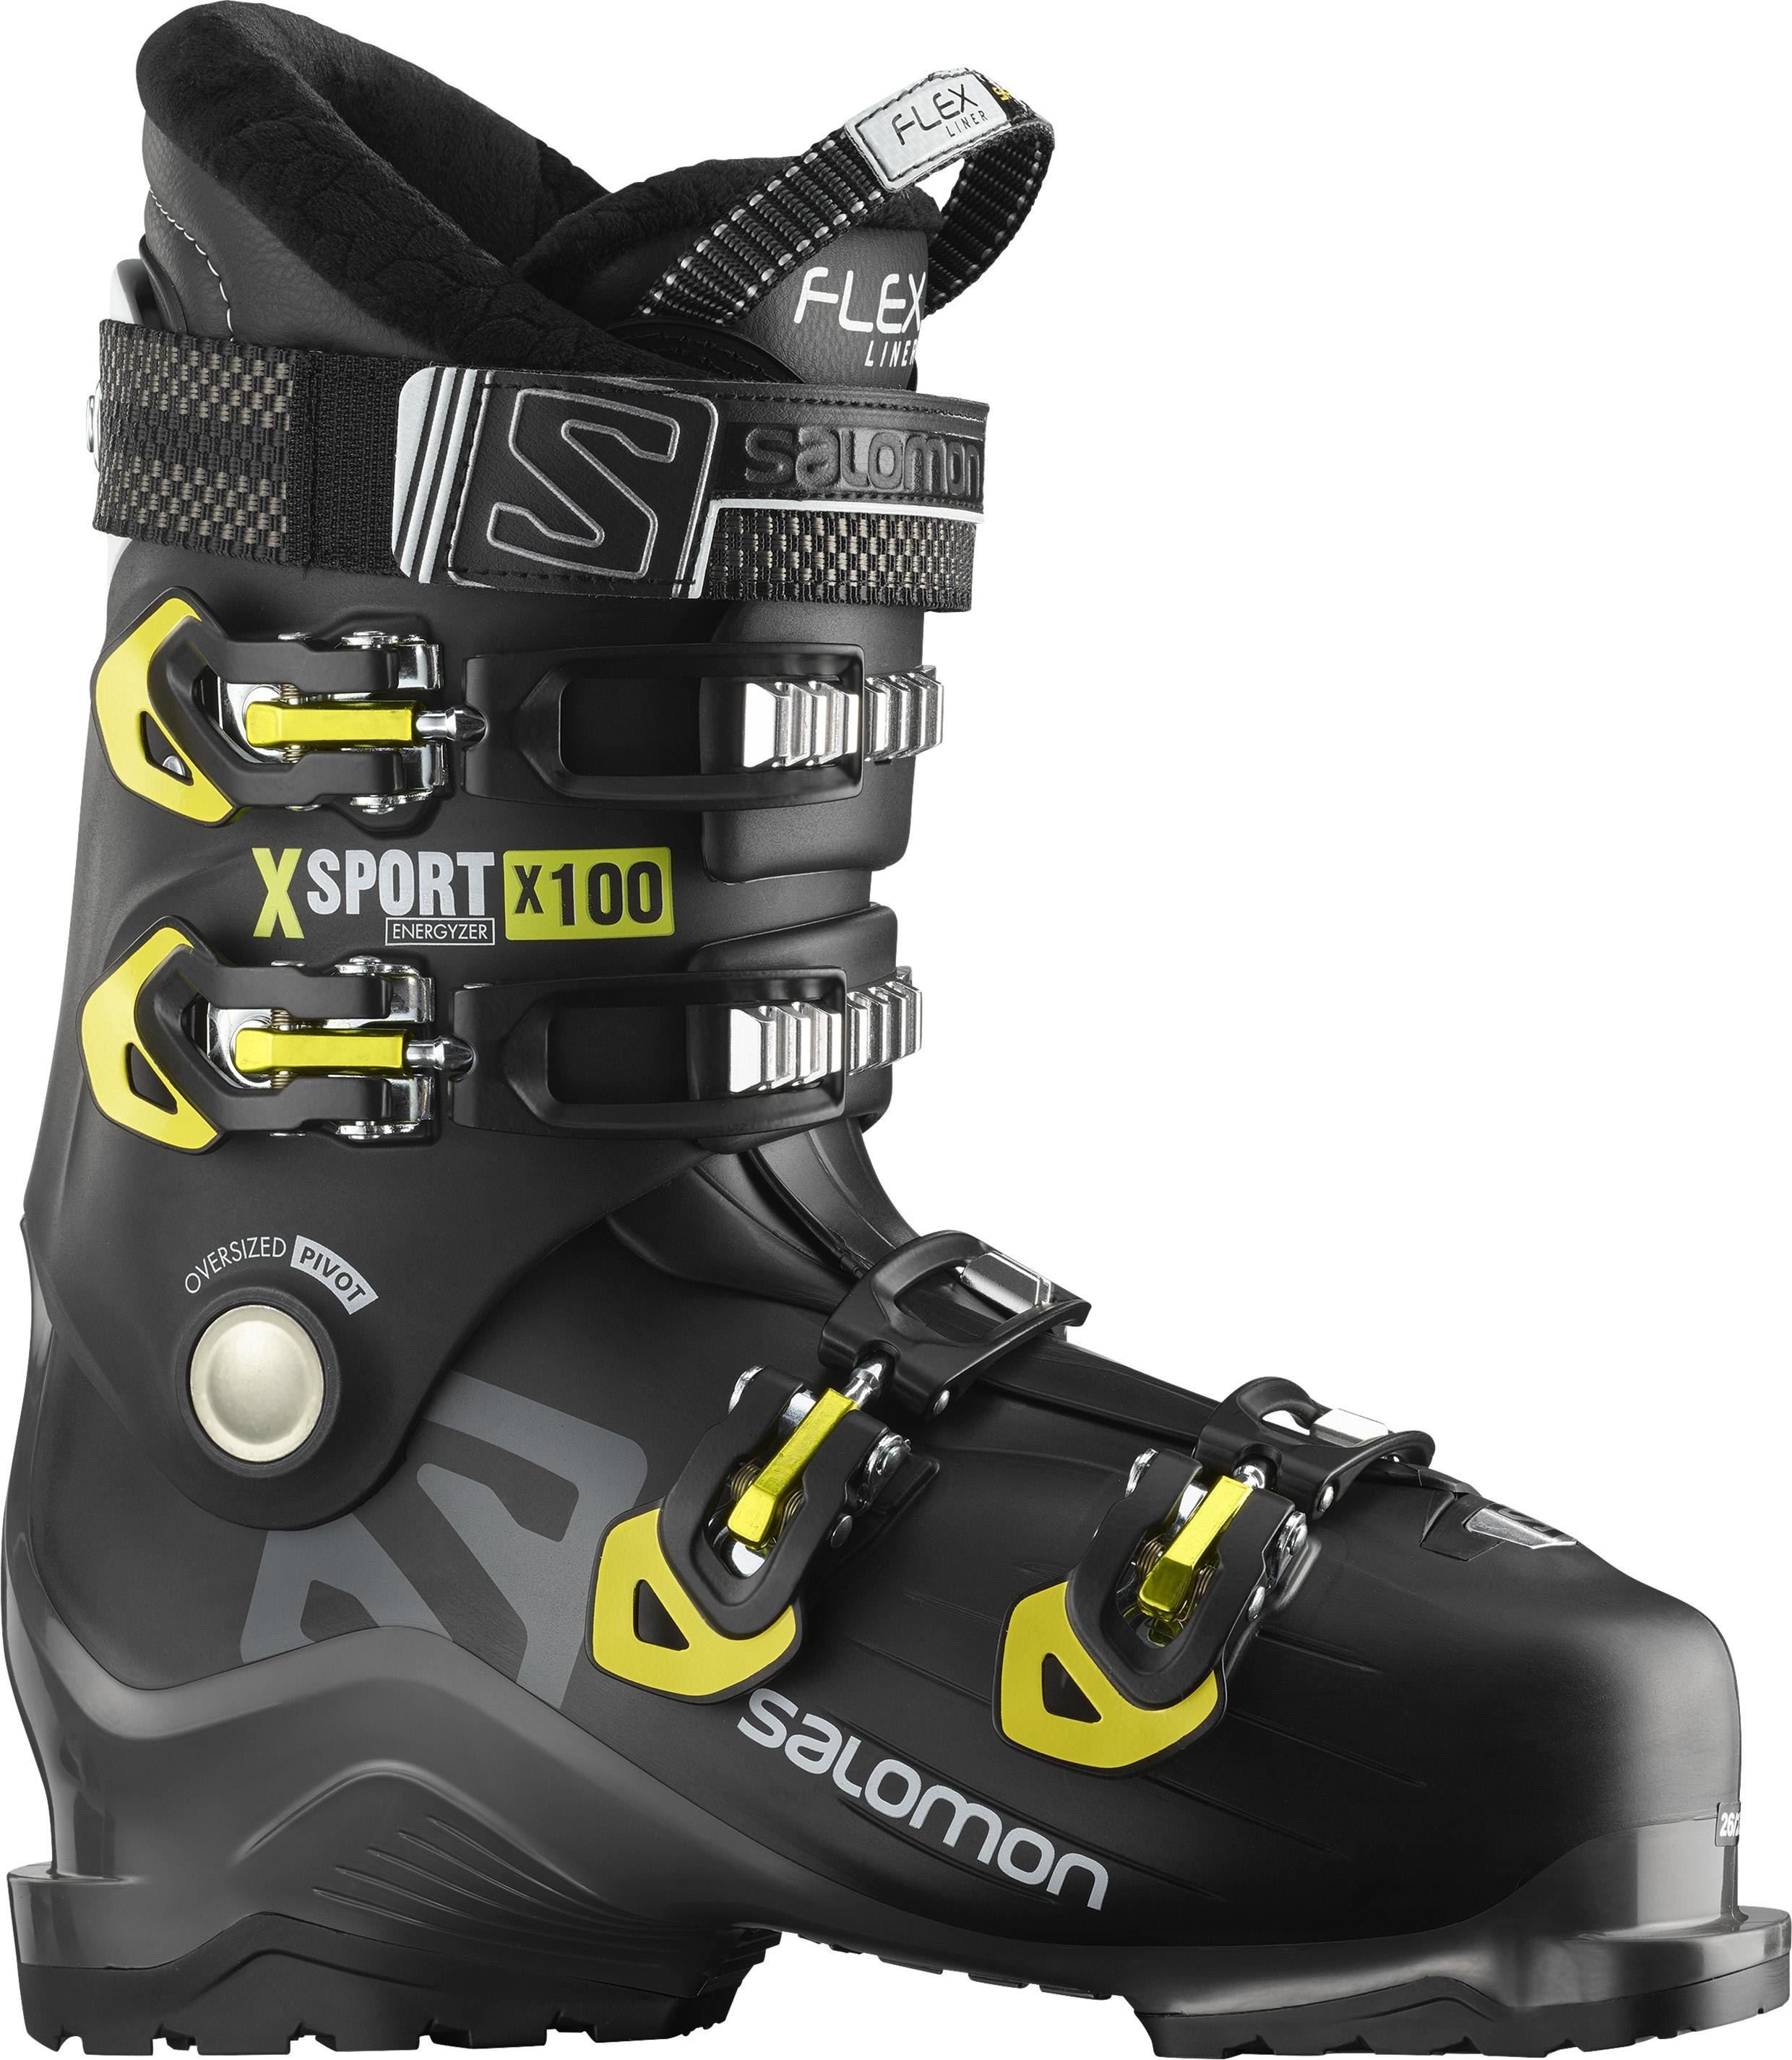 Salomon X SPORT X100, moški smučarski čevlji, črna